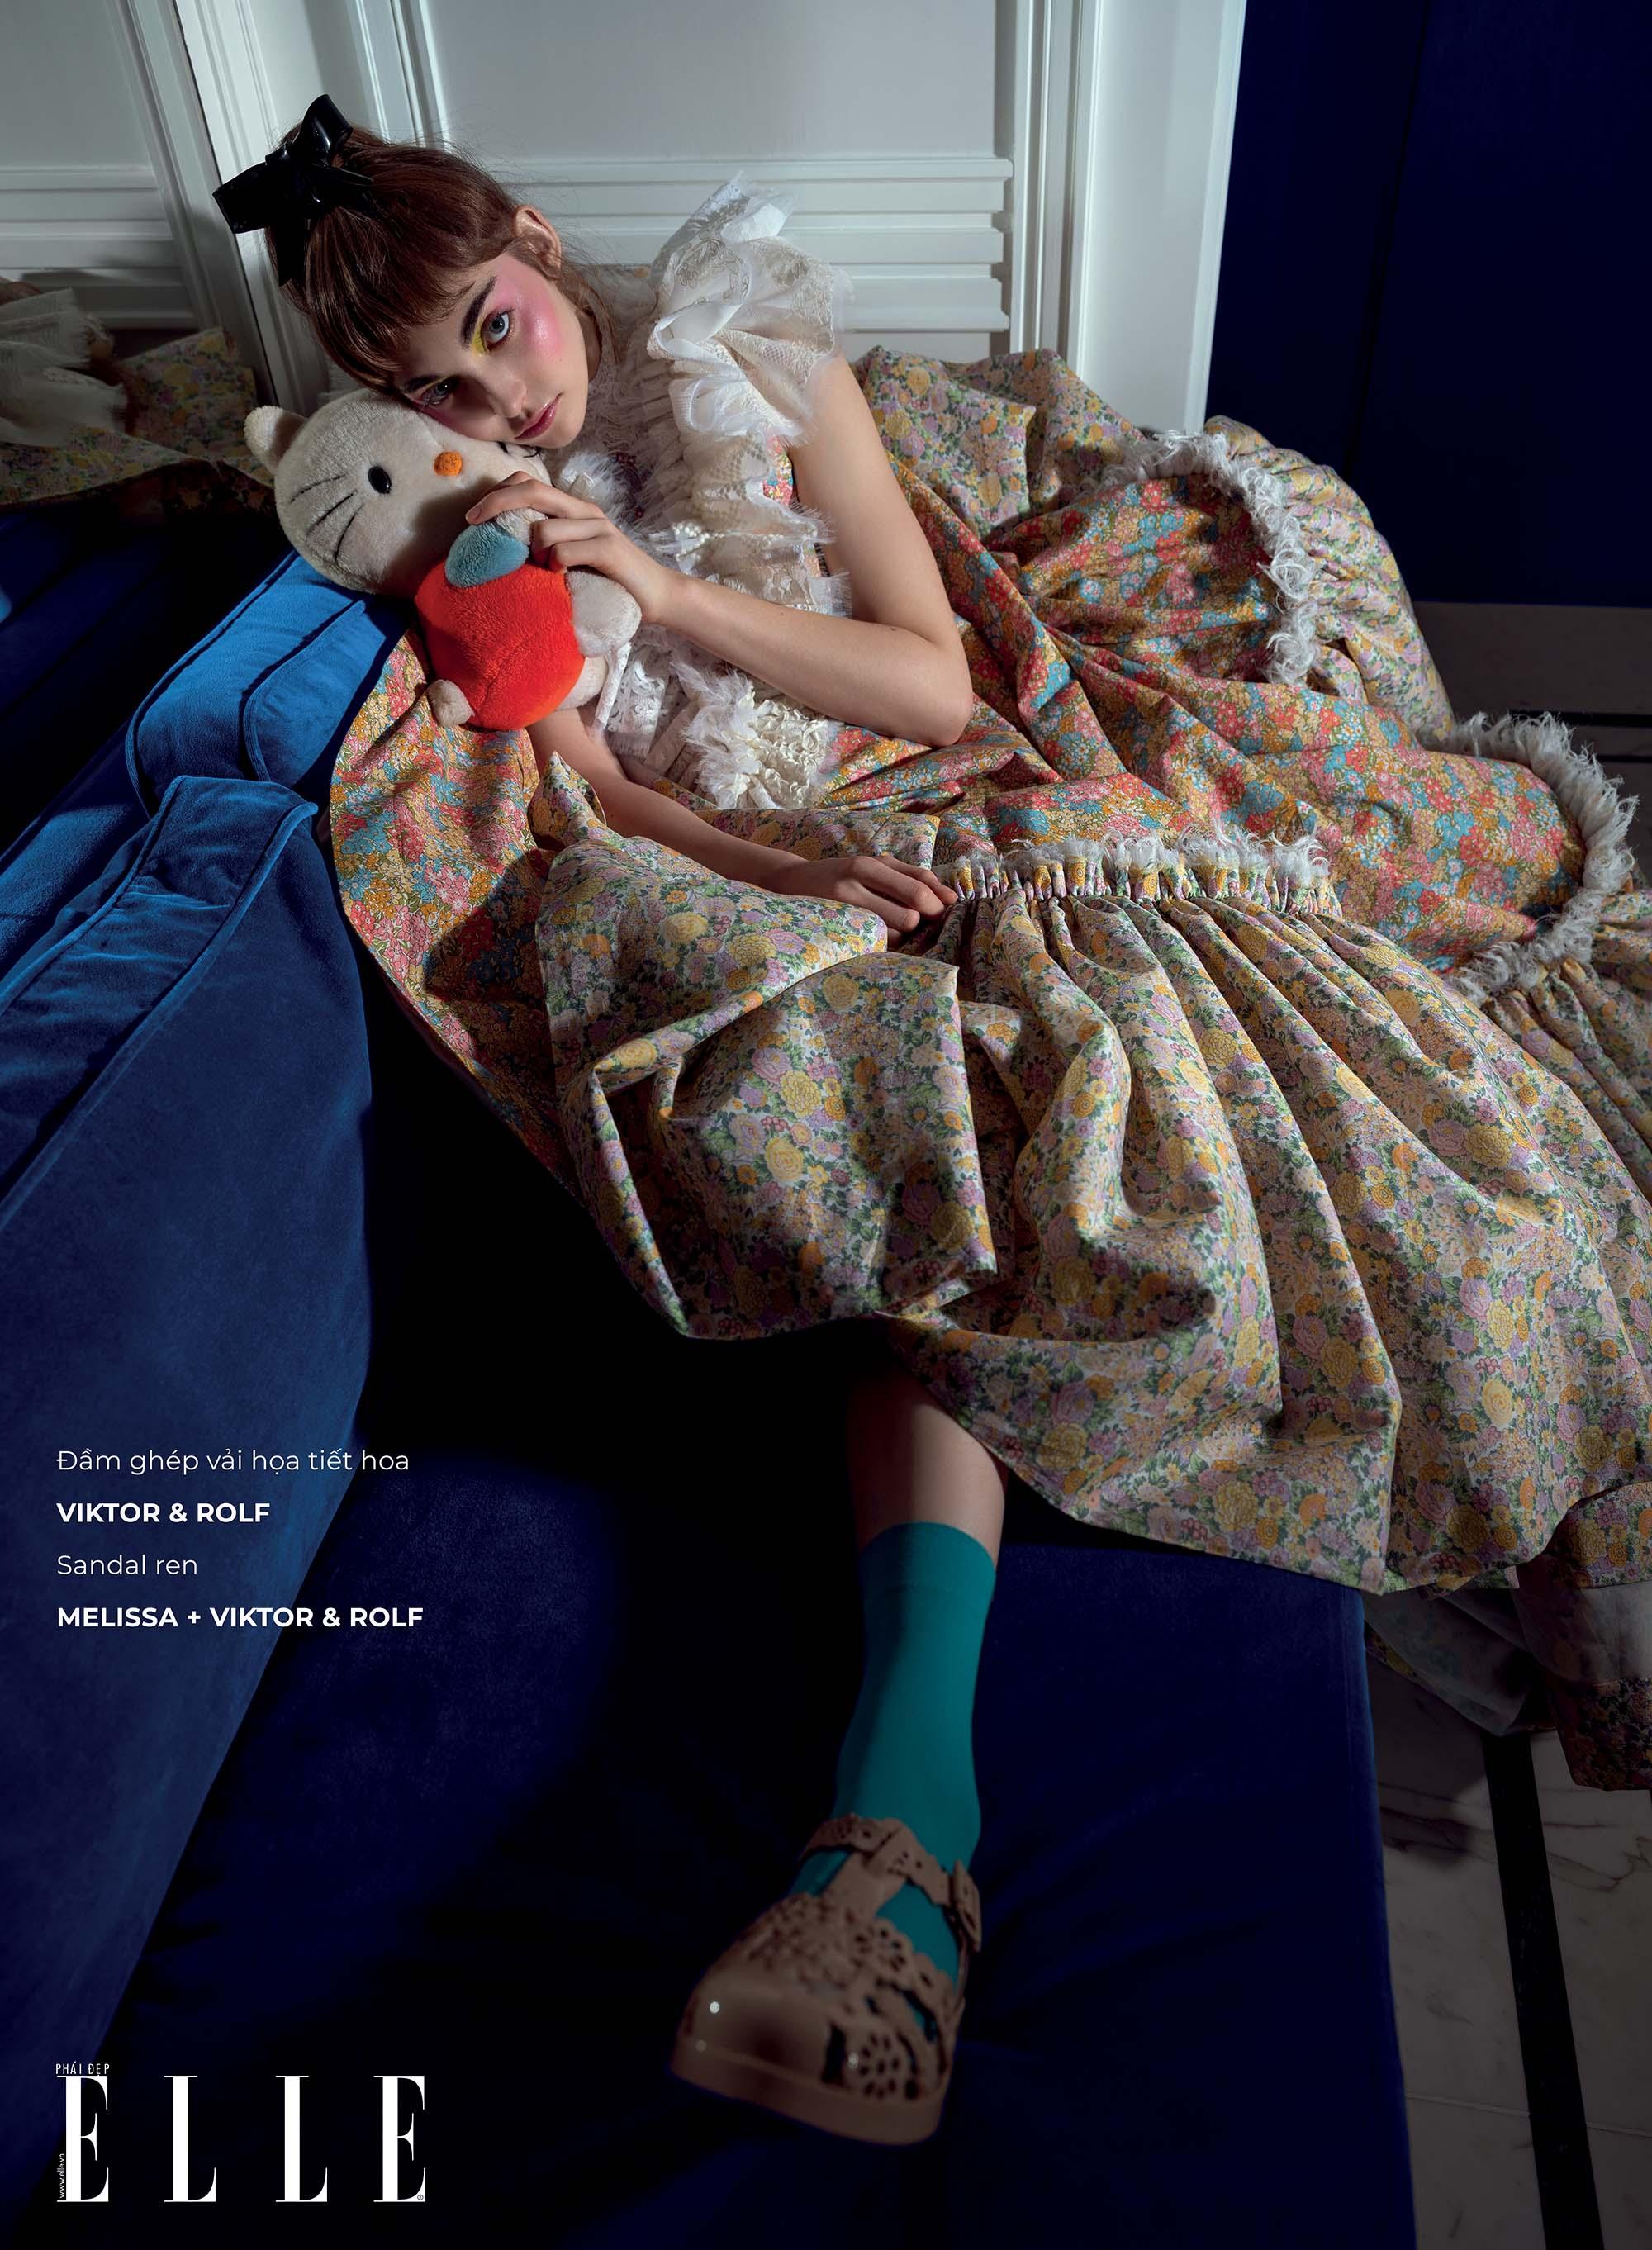 haute couture đầm ghép họa tiết hoa